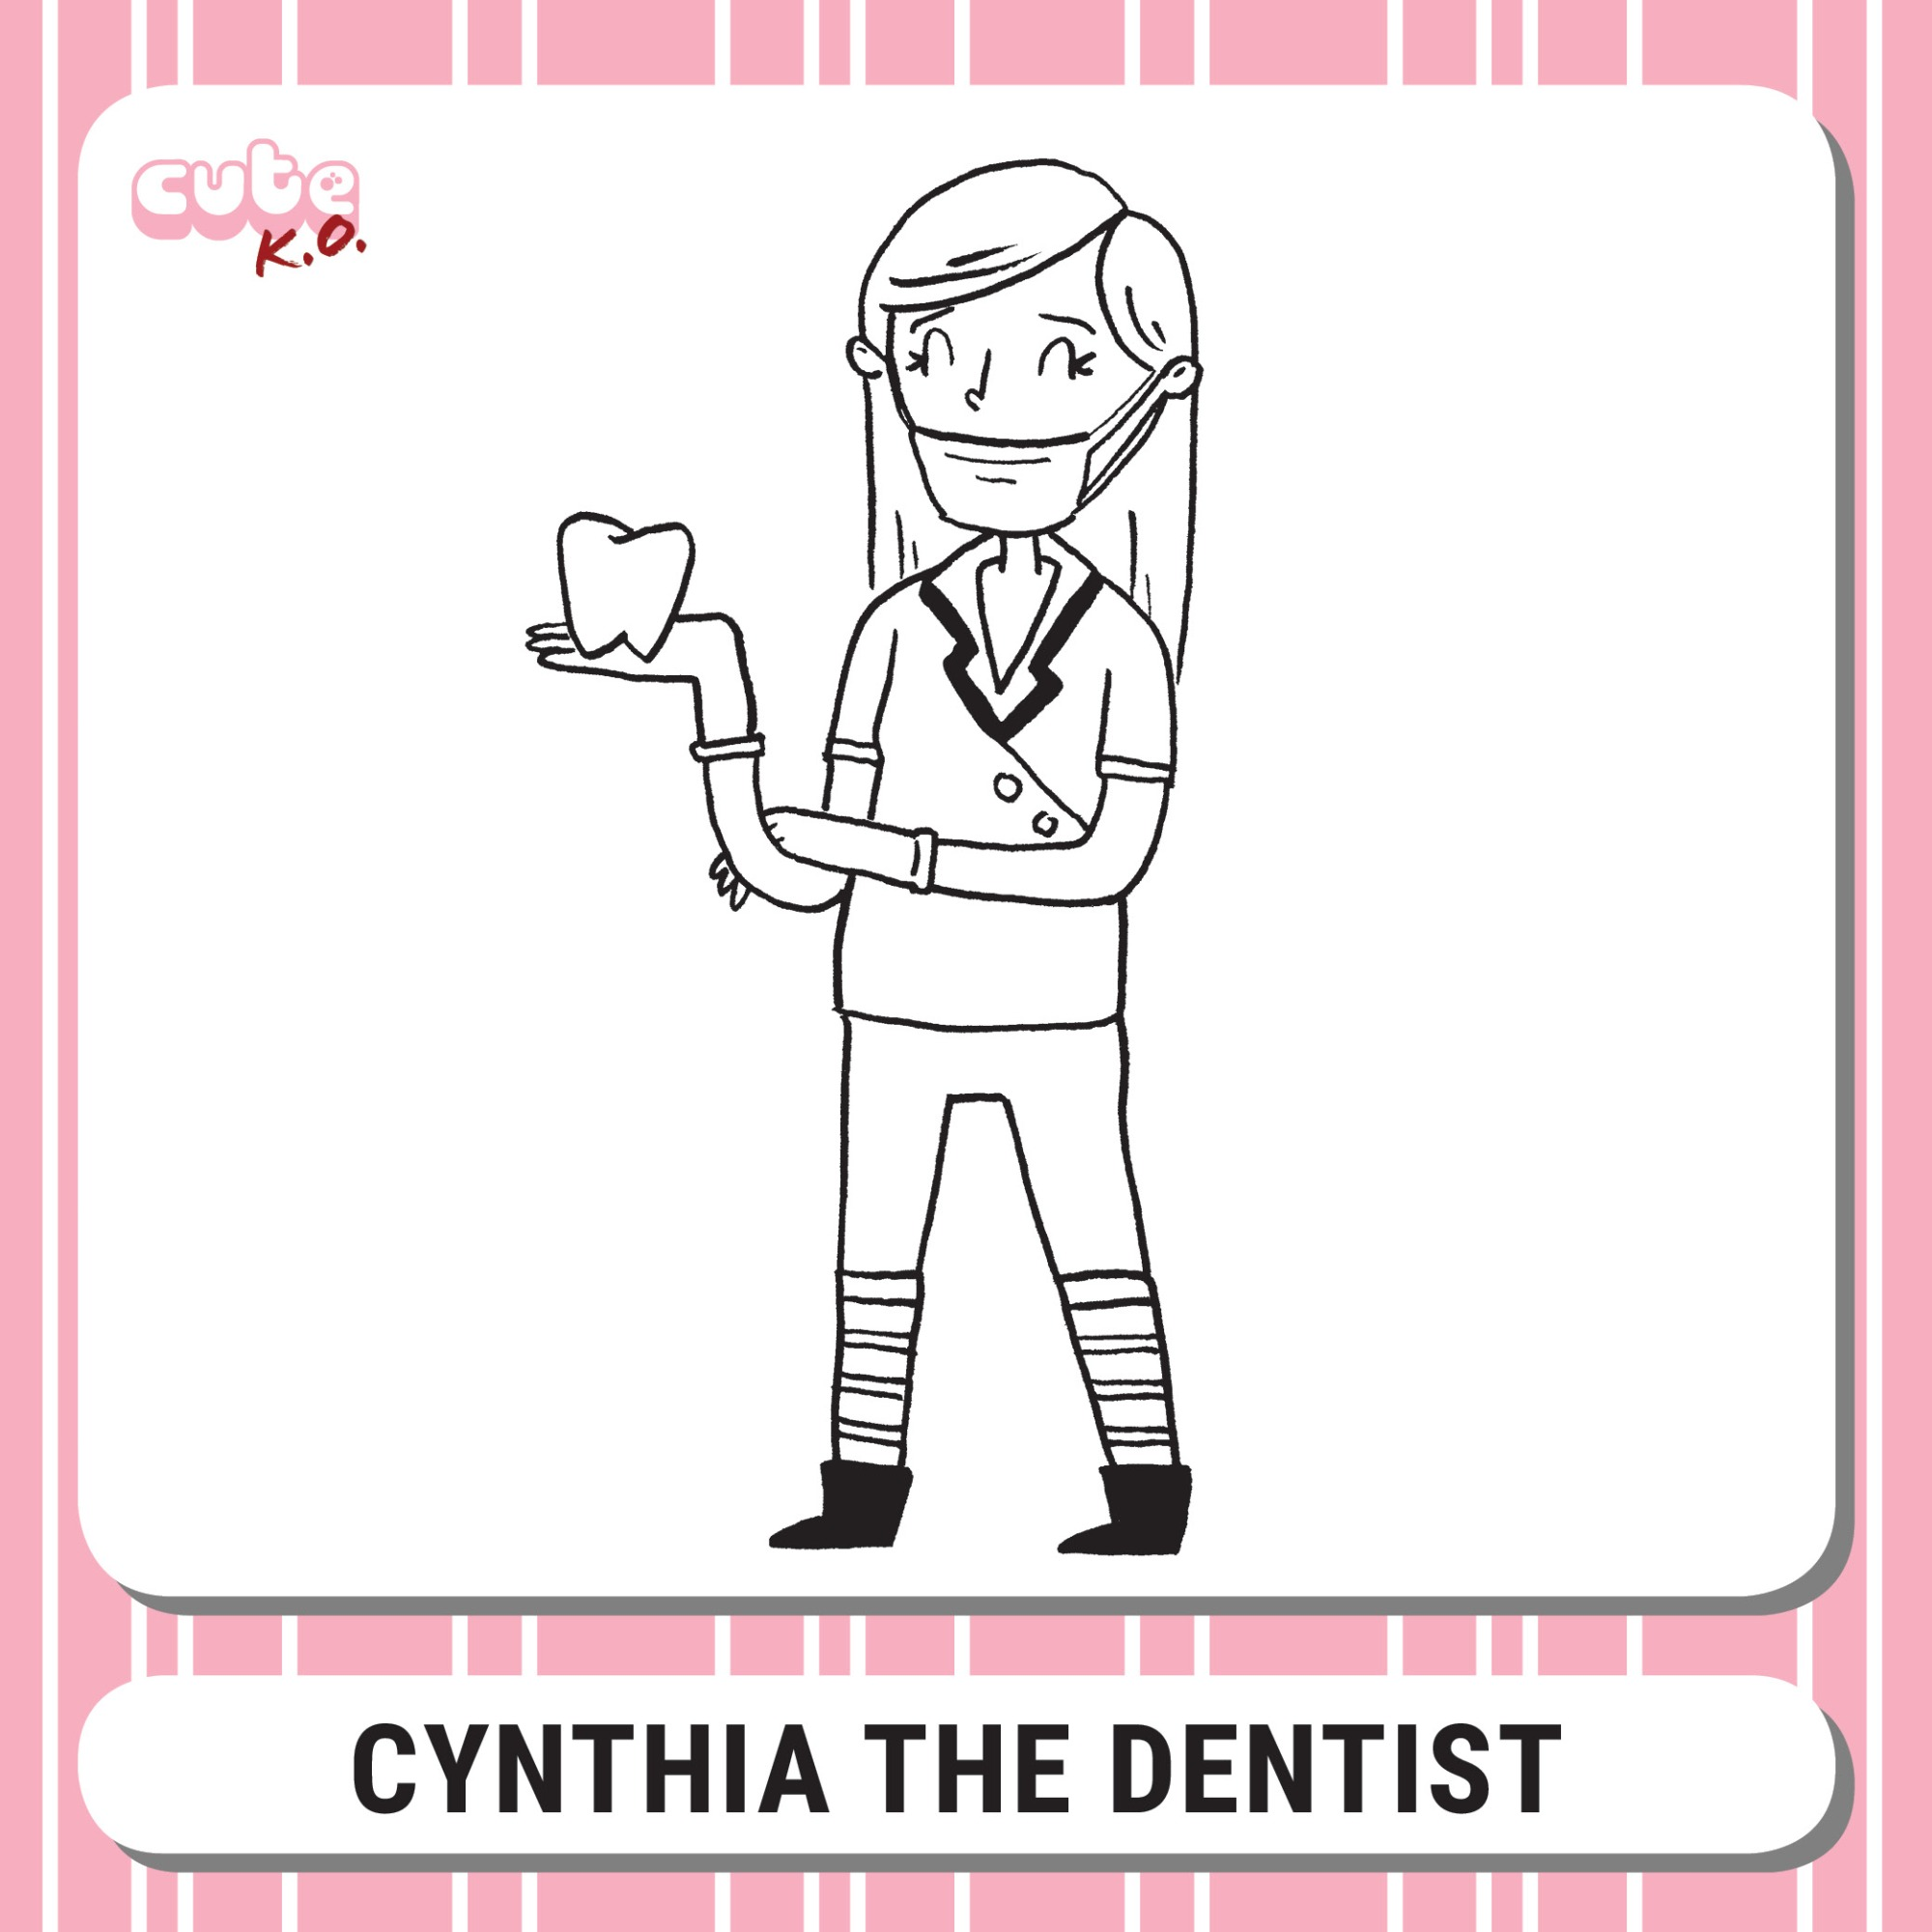 Cute K.O. 2019 Round One: Cynthia the Dentist